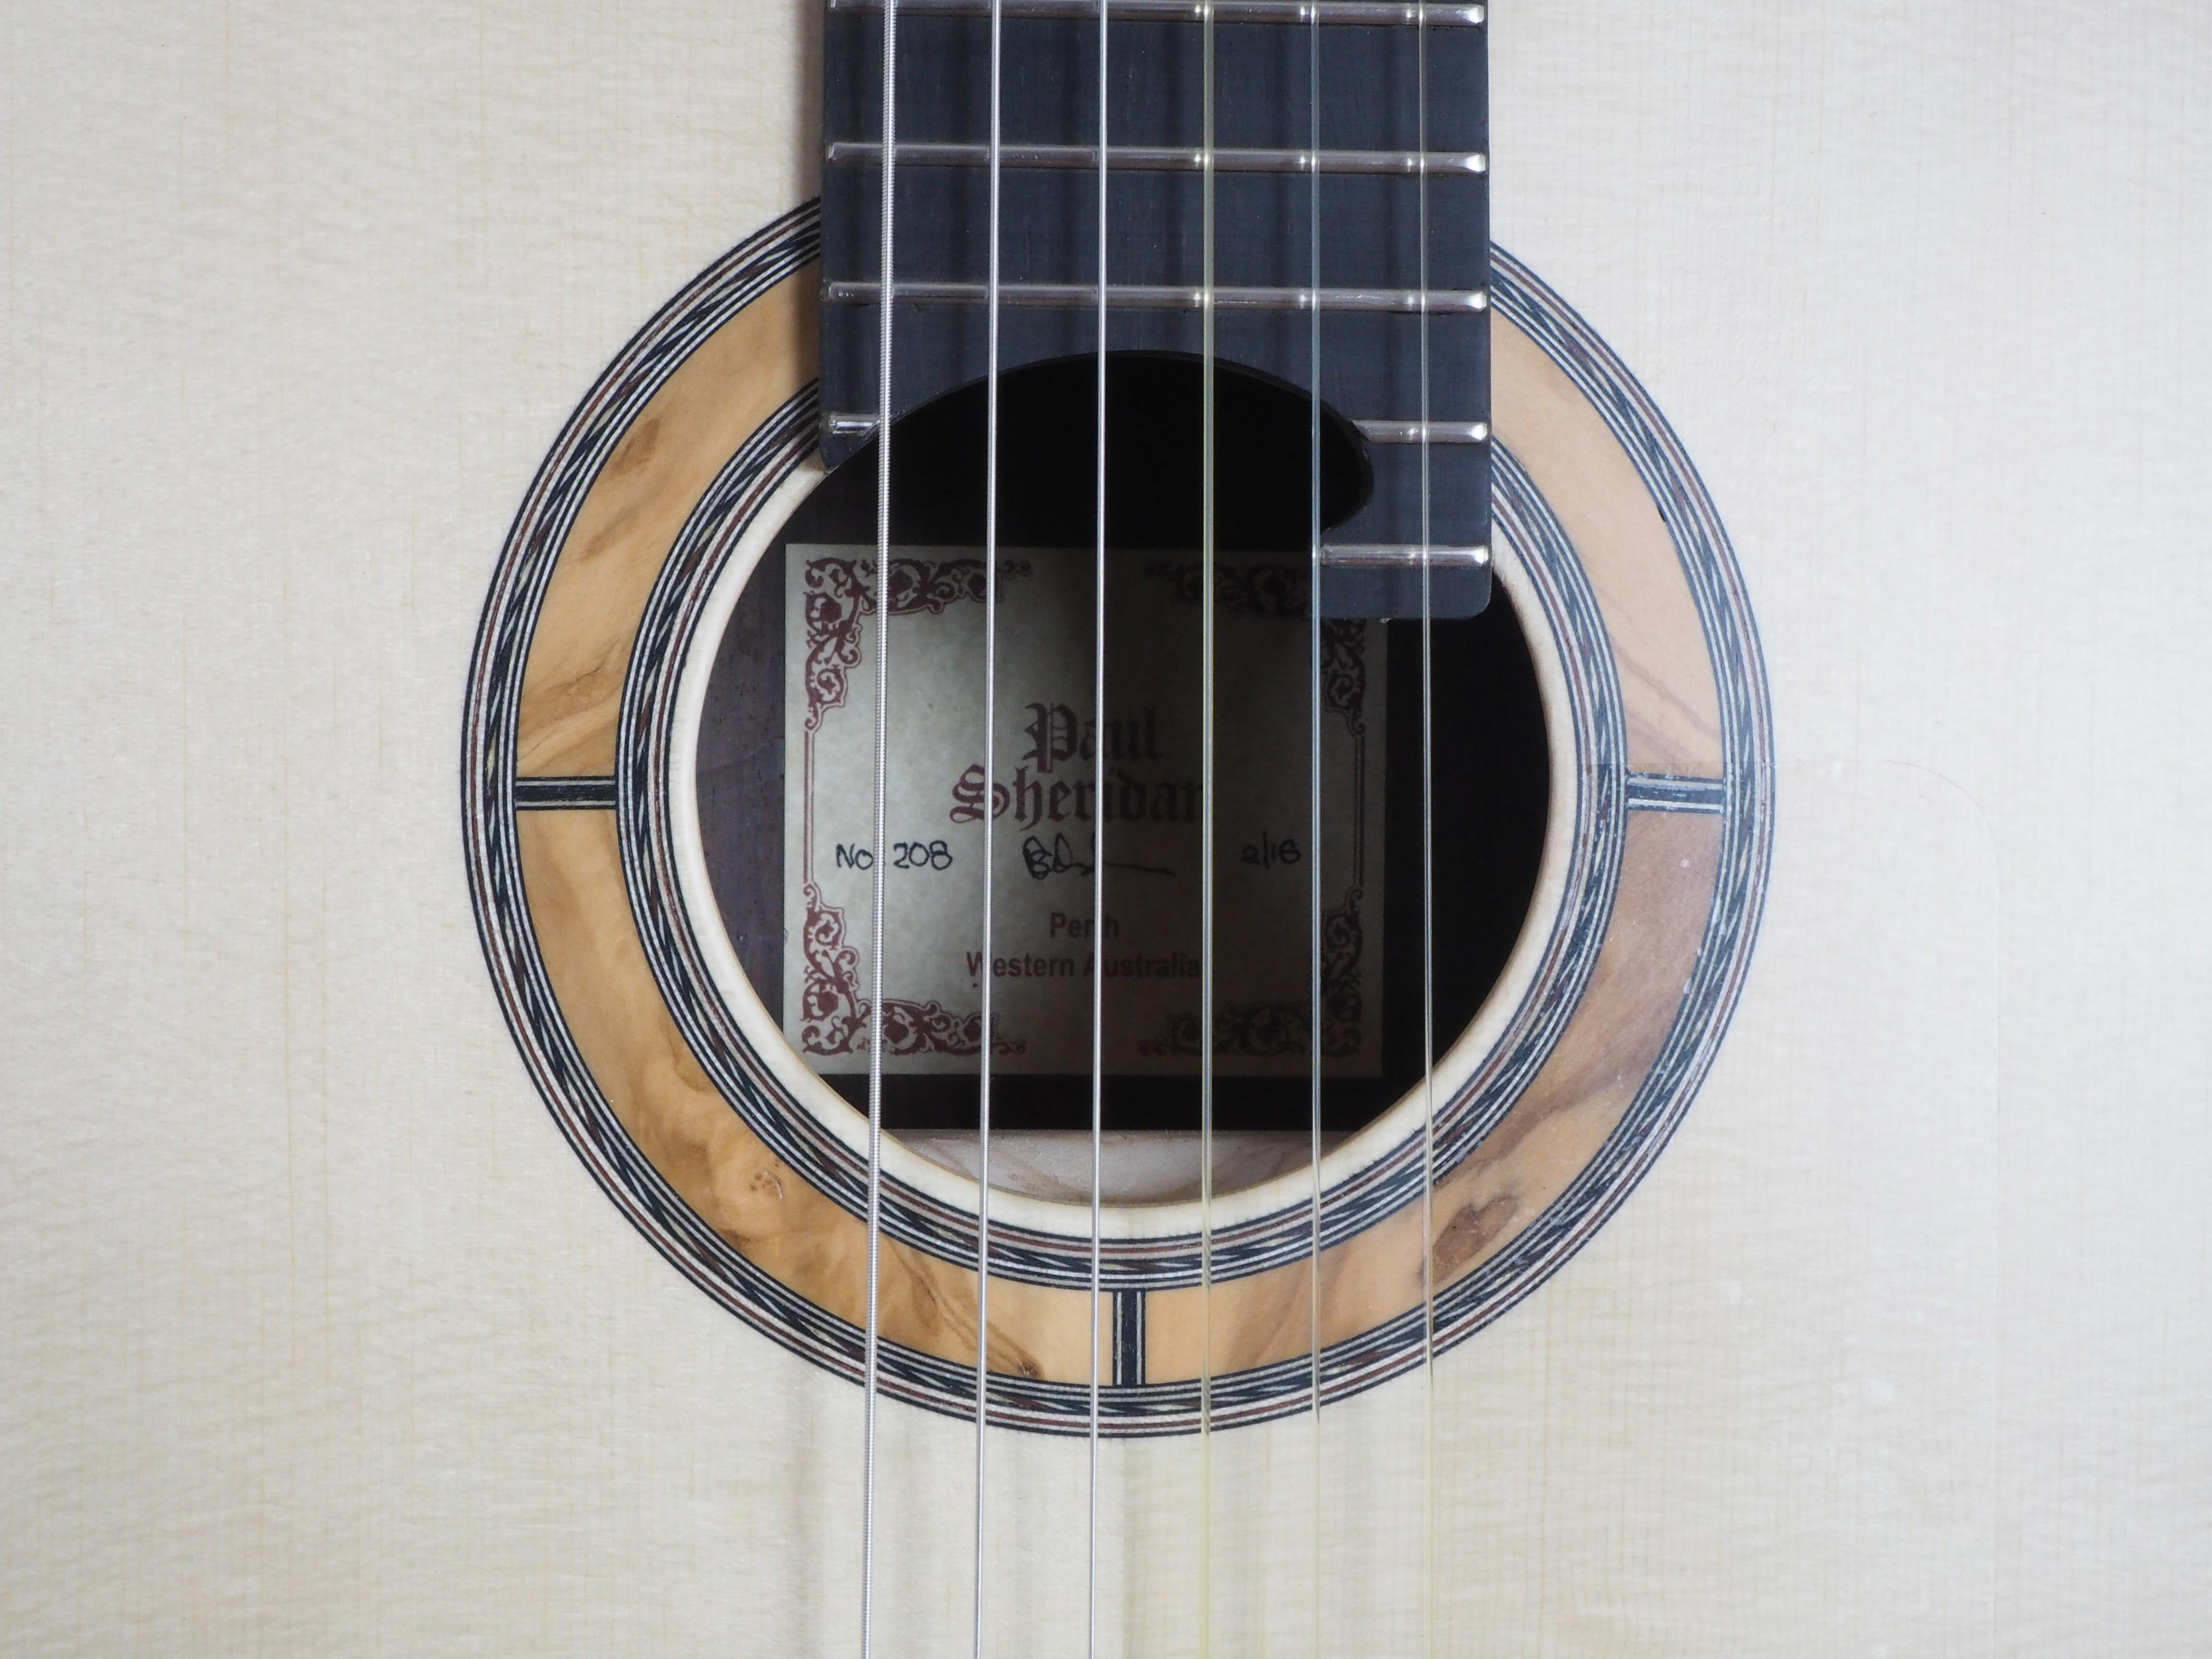 Paul sheridan guitare classique luthier lattice. Disponible sur le site www.guitare-classique-concertfr